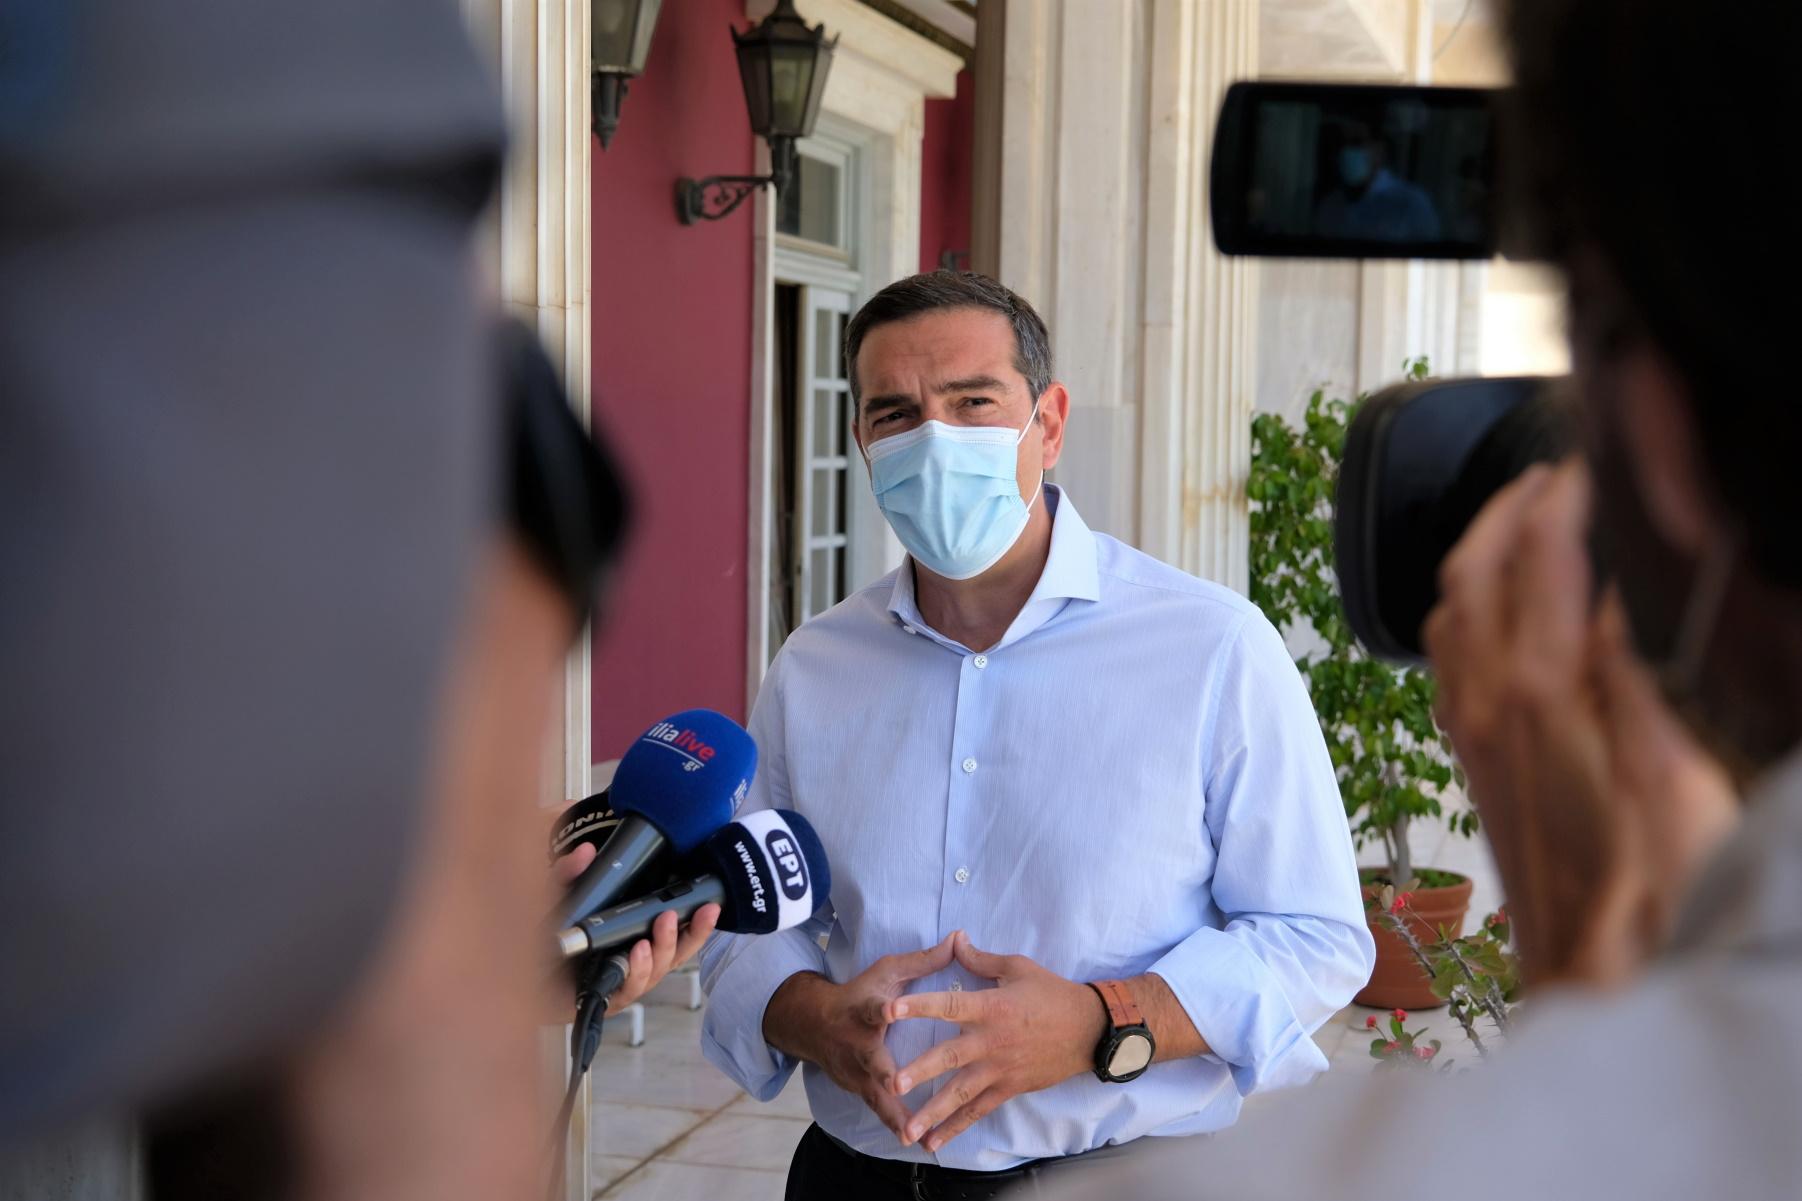 Πανελλήνιες 2021 – Το μήνυμα του Αλέξη Τσίπρα: Δεν είναι αγώνας δίχως αύριο